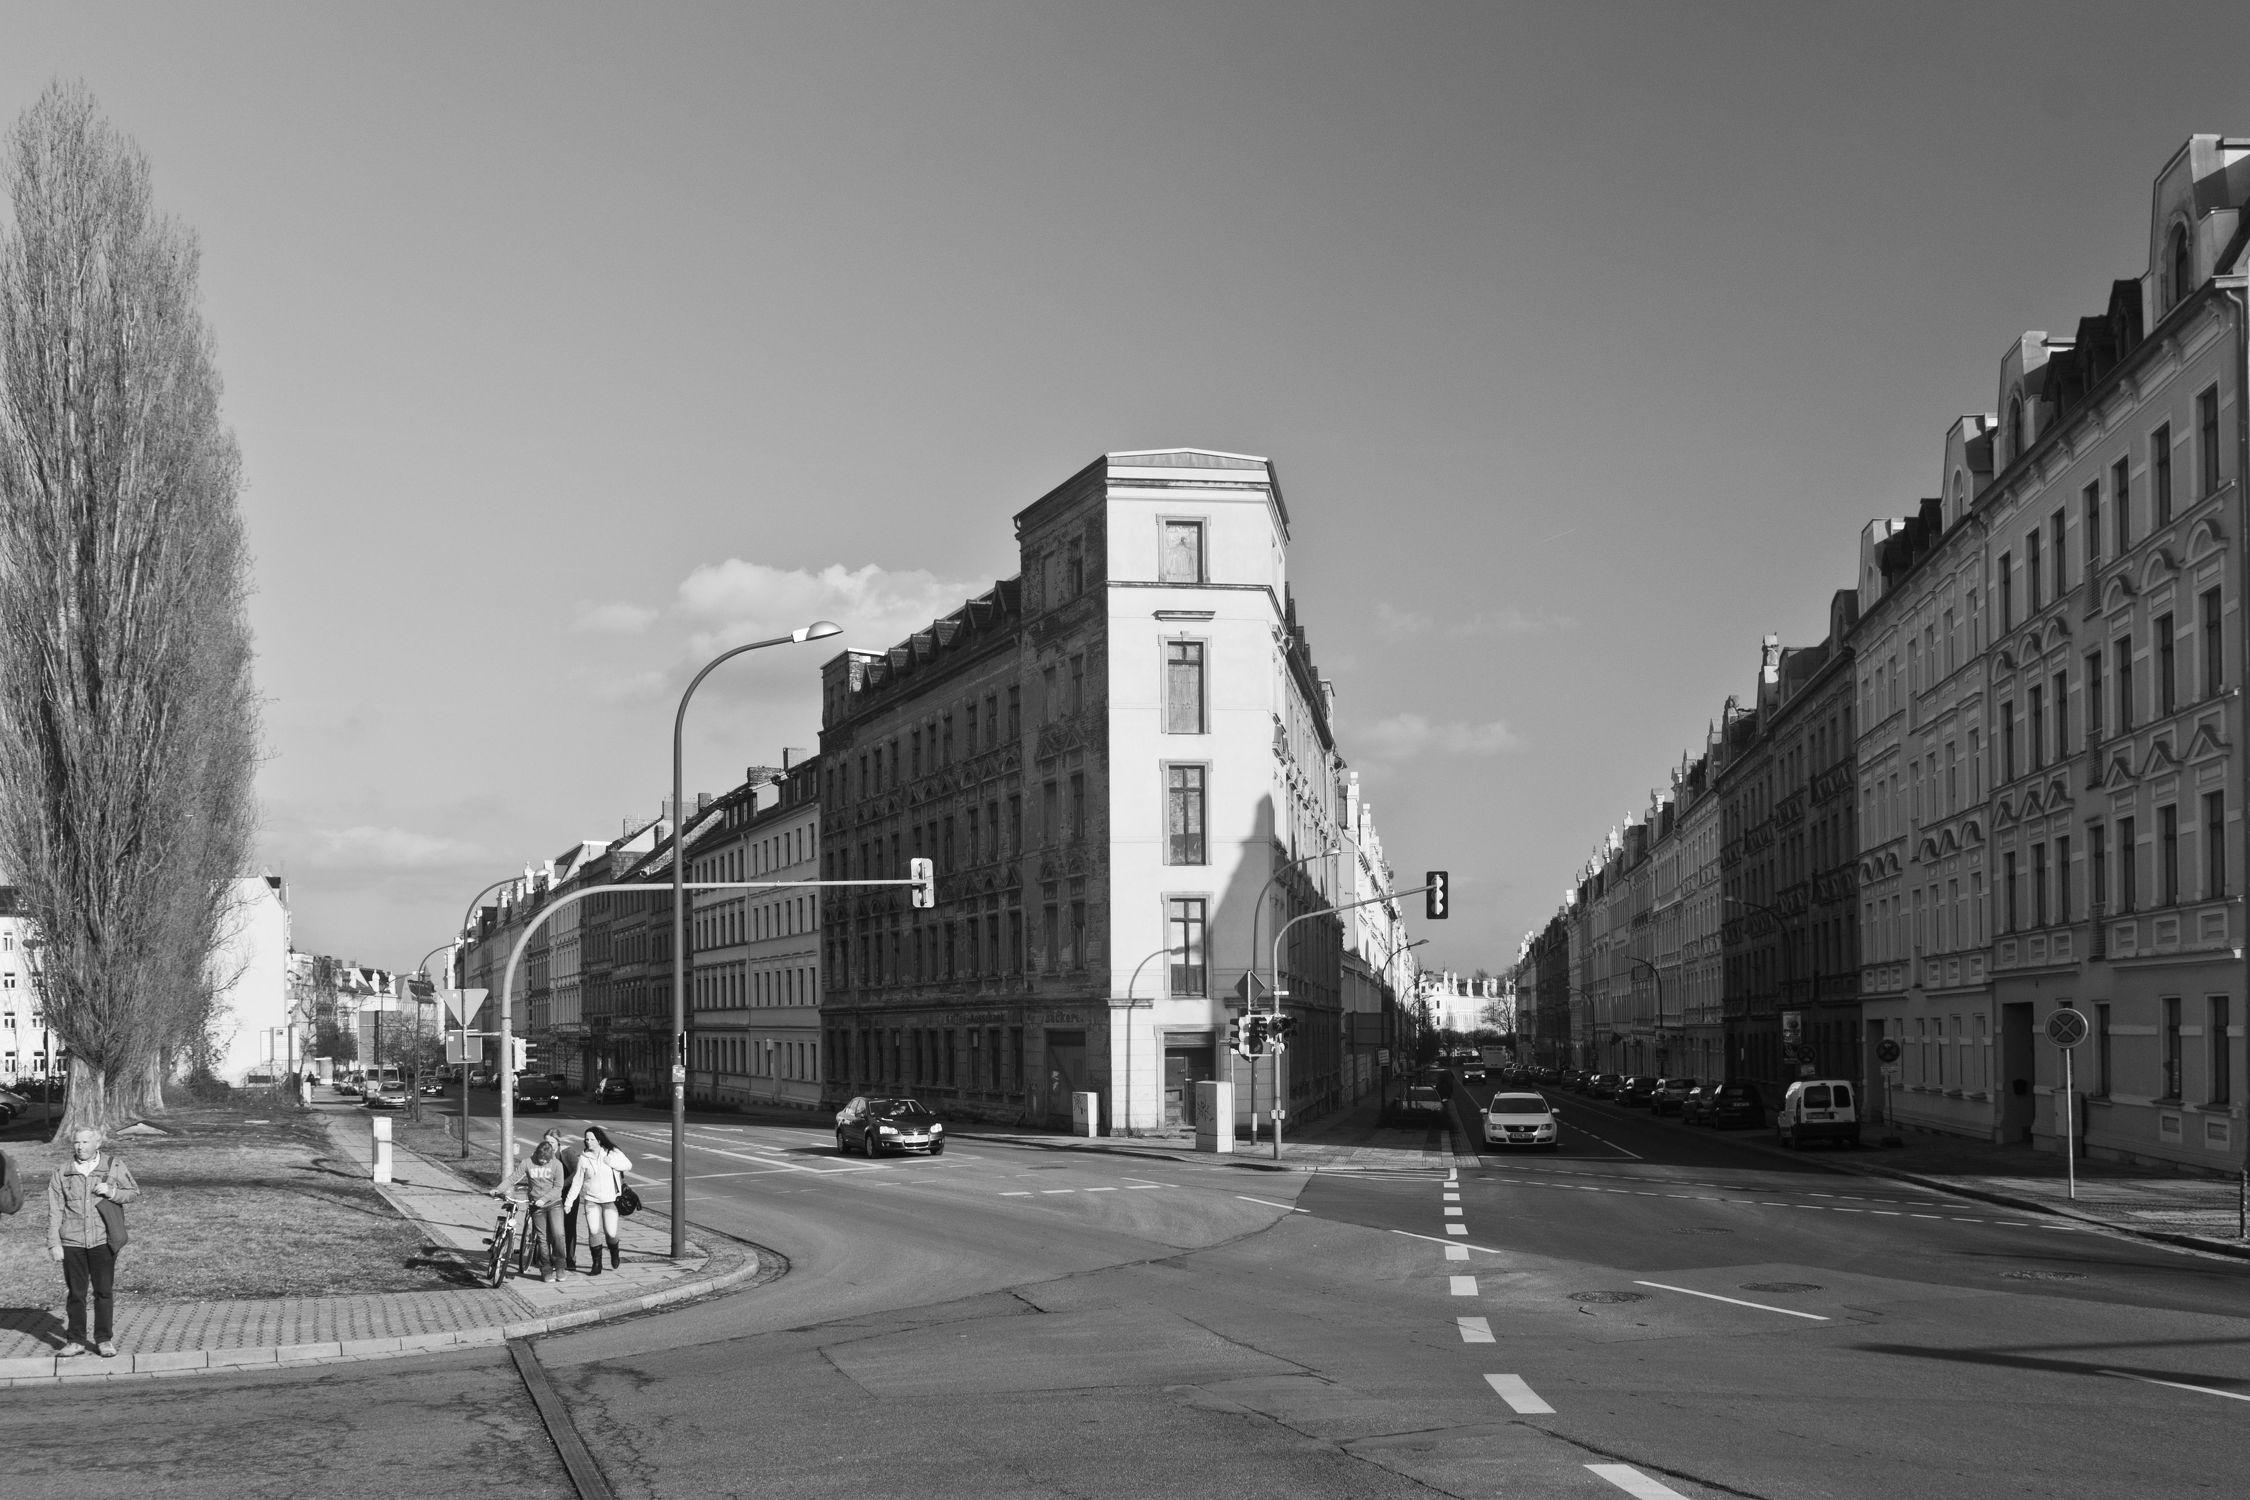 Bild mit Straßen und Wege, Görlitz, City, Architektur in Schwarzweiß, schwarz weiß